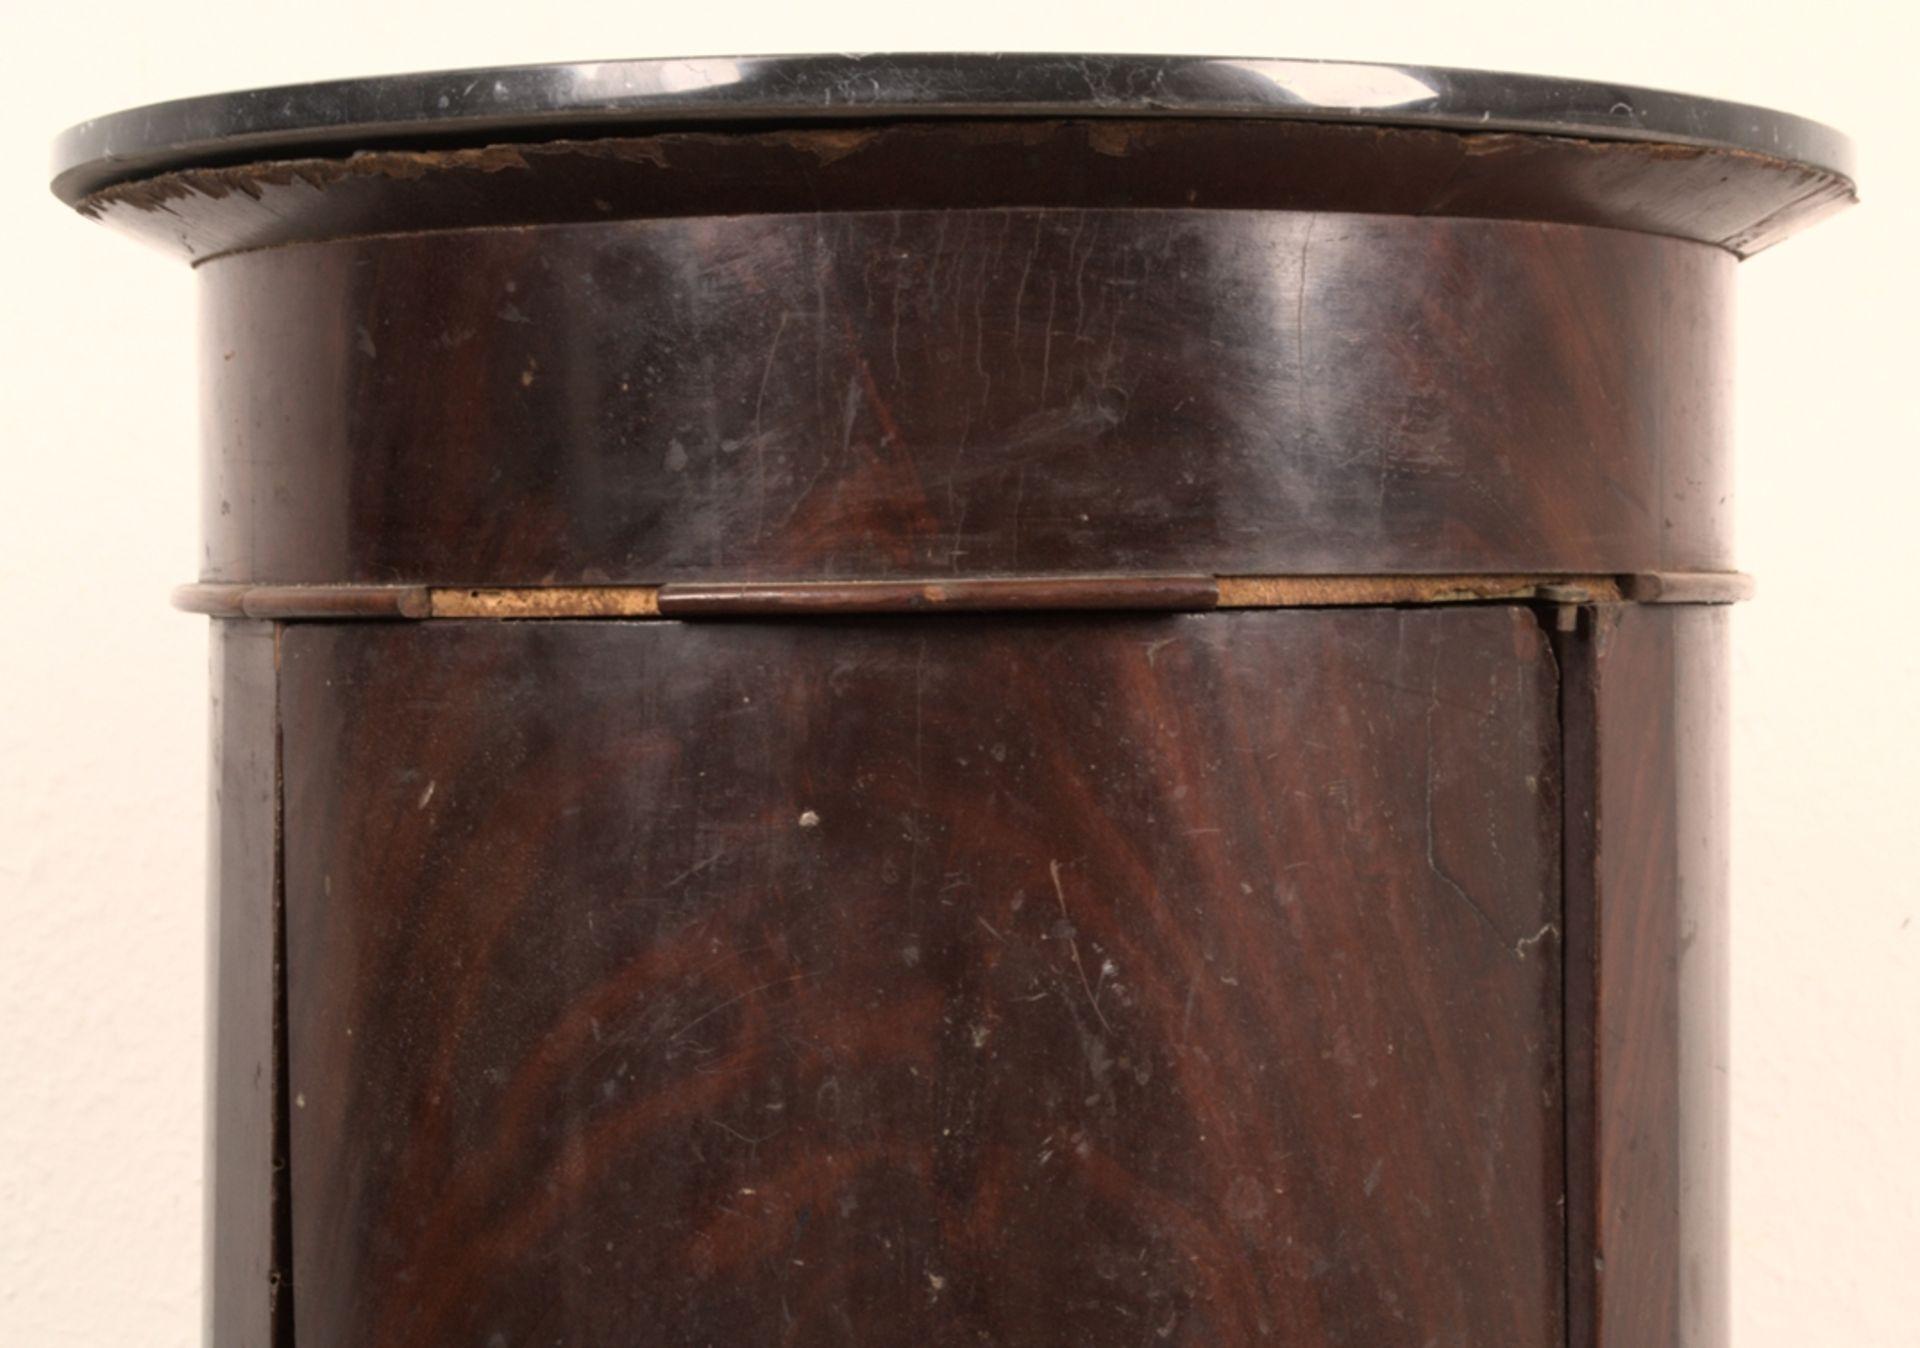 Antiker Säulenschrank/Trommelschrank, Biedermeier/Charles X, Frankreich 19./20. Jhd. Auf - Bild 3 aus 7